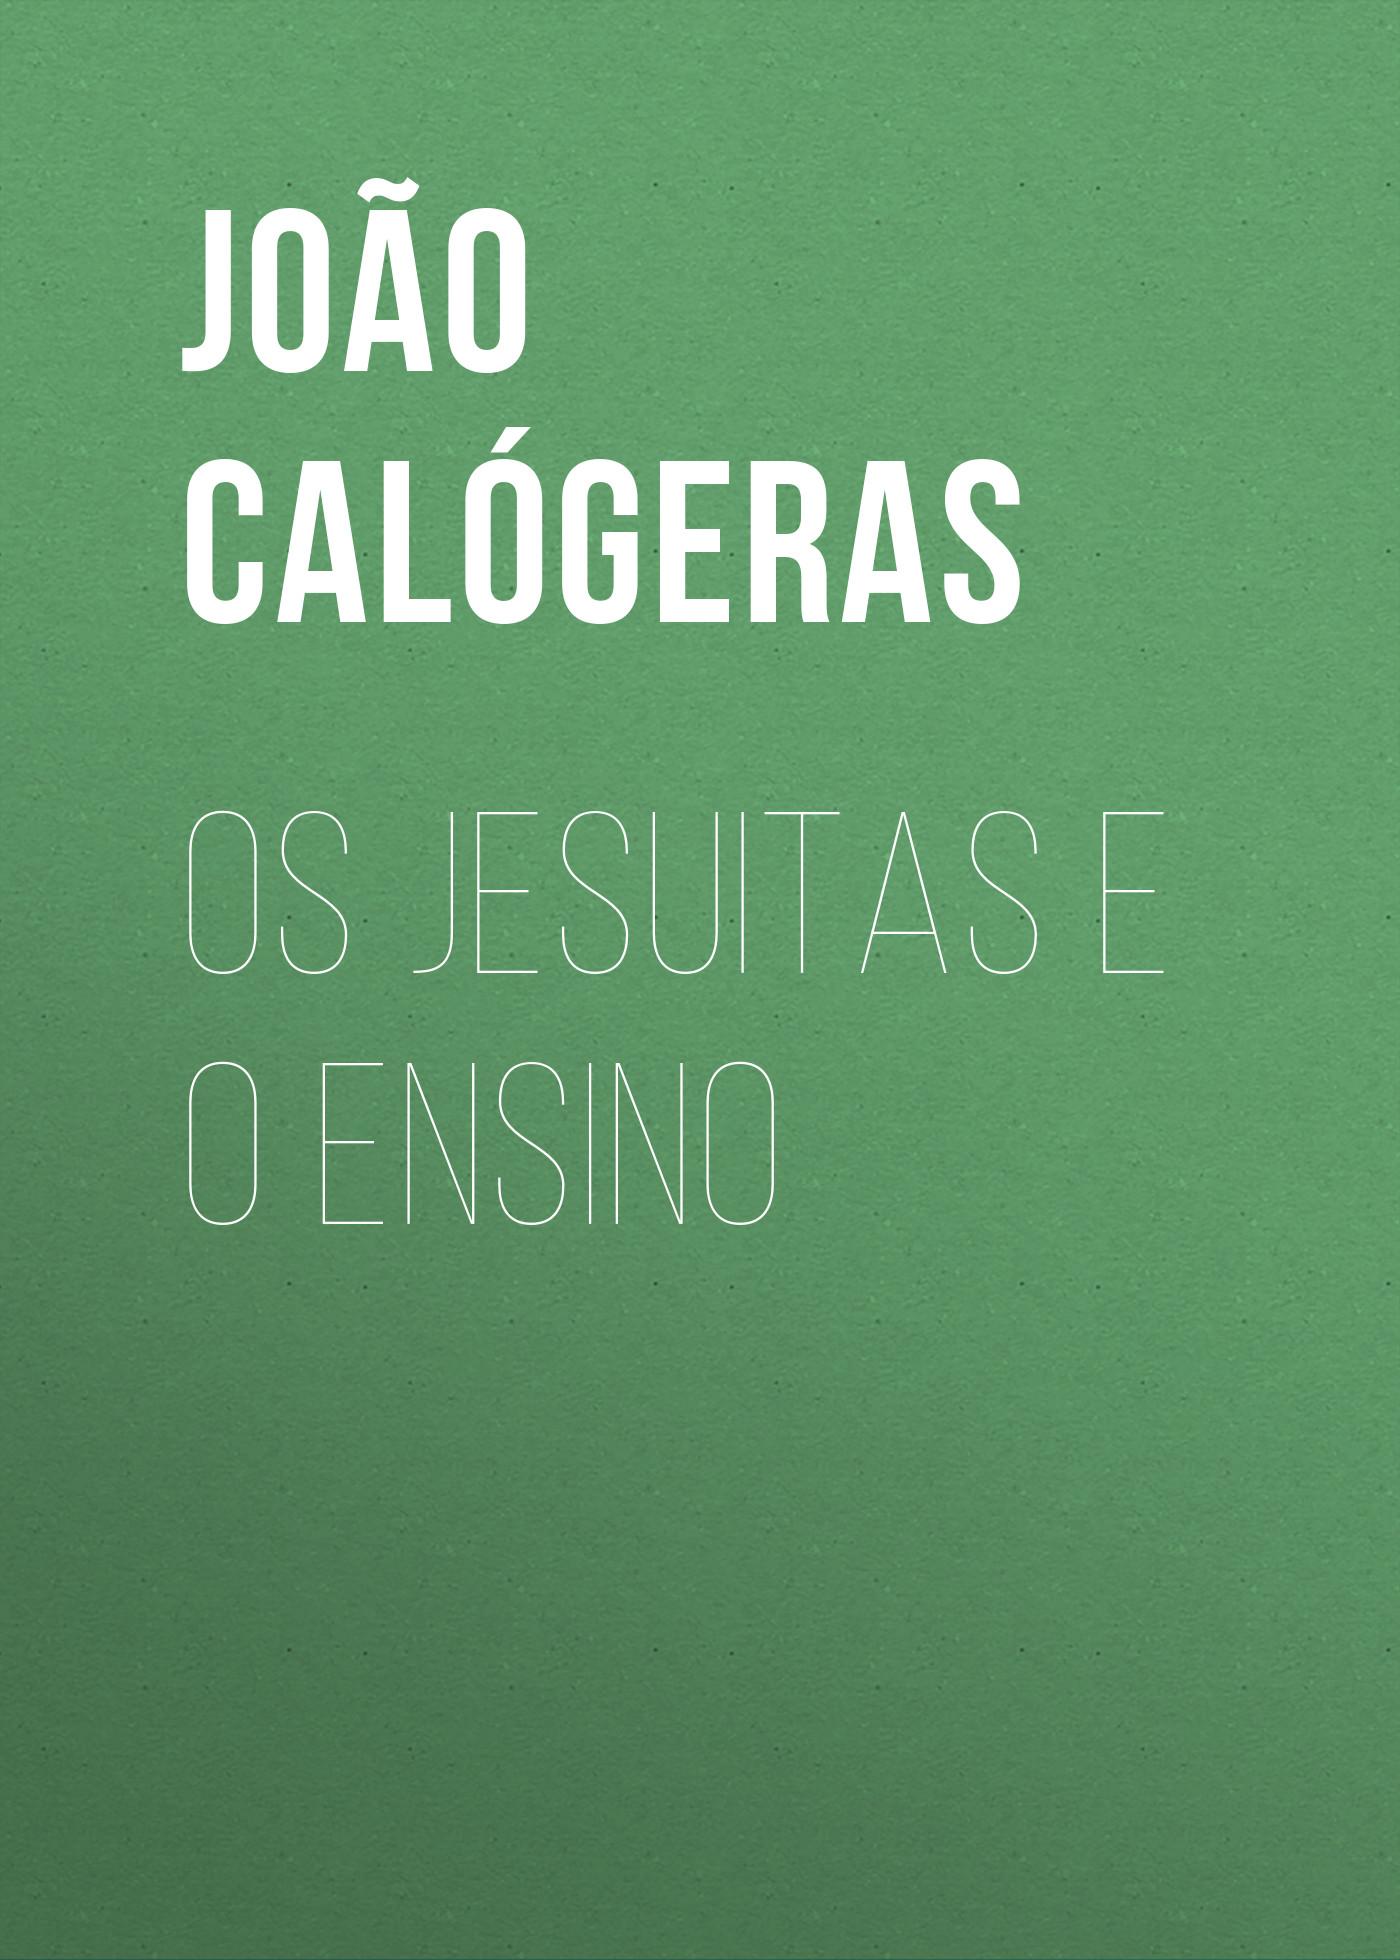 Calógeras João Pandiá Os jesuitas e o ensino joão lopes marques odessa vanessa isbn 9789949489831